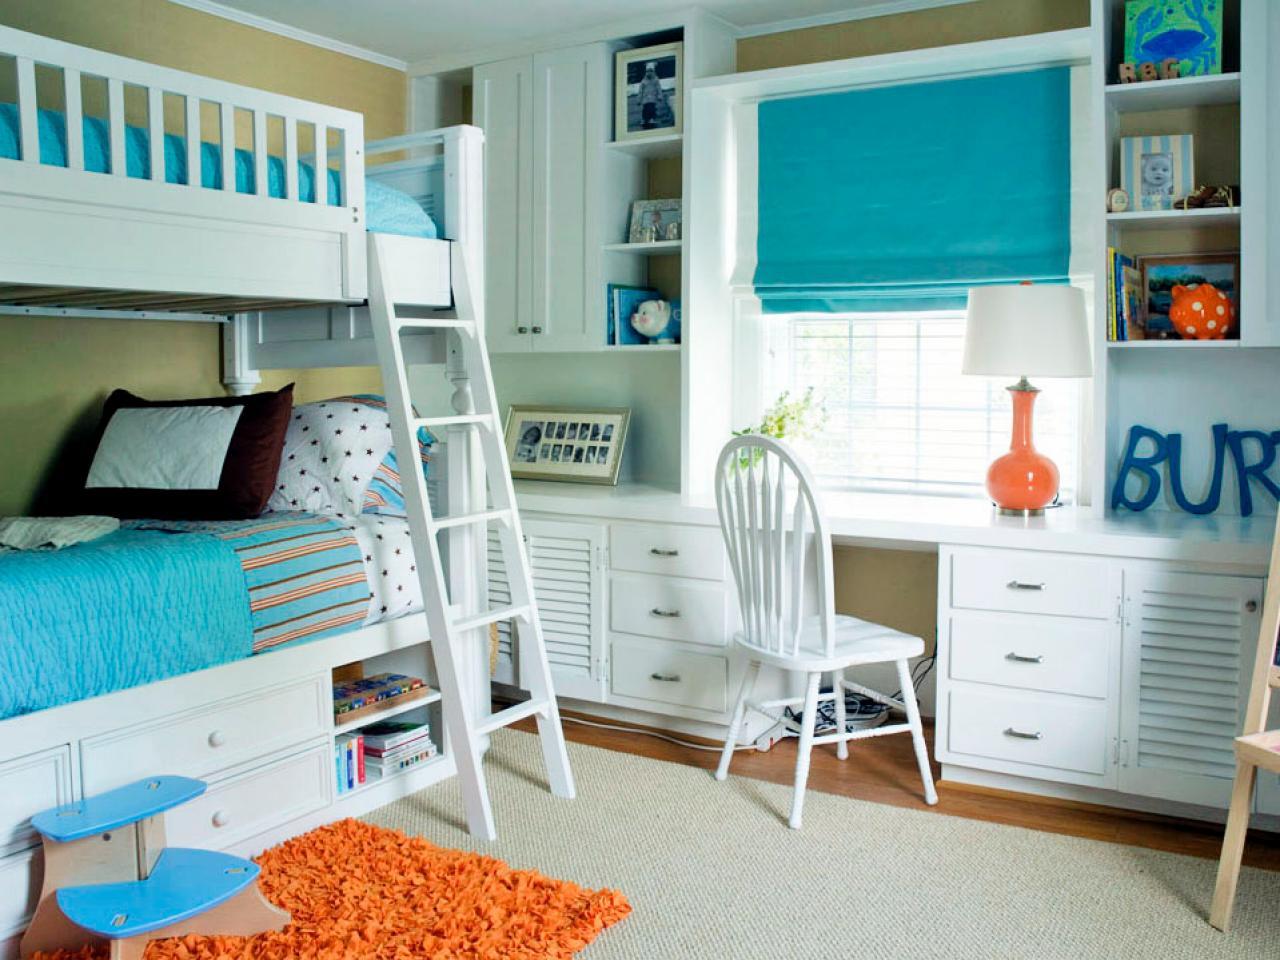 Детская комната в хрущевке с двухэтажной кроватью